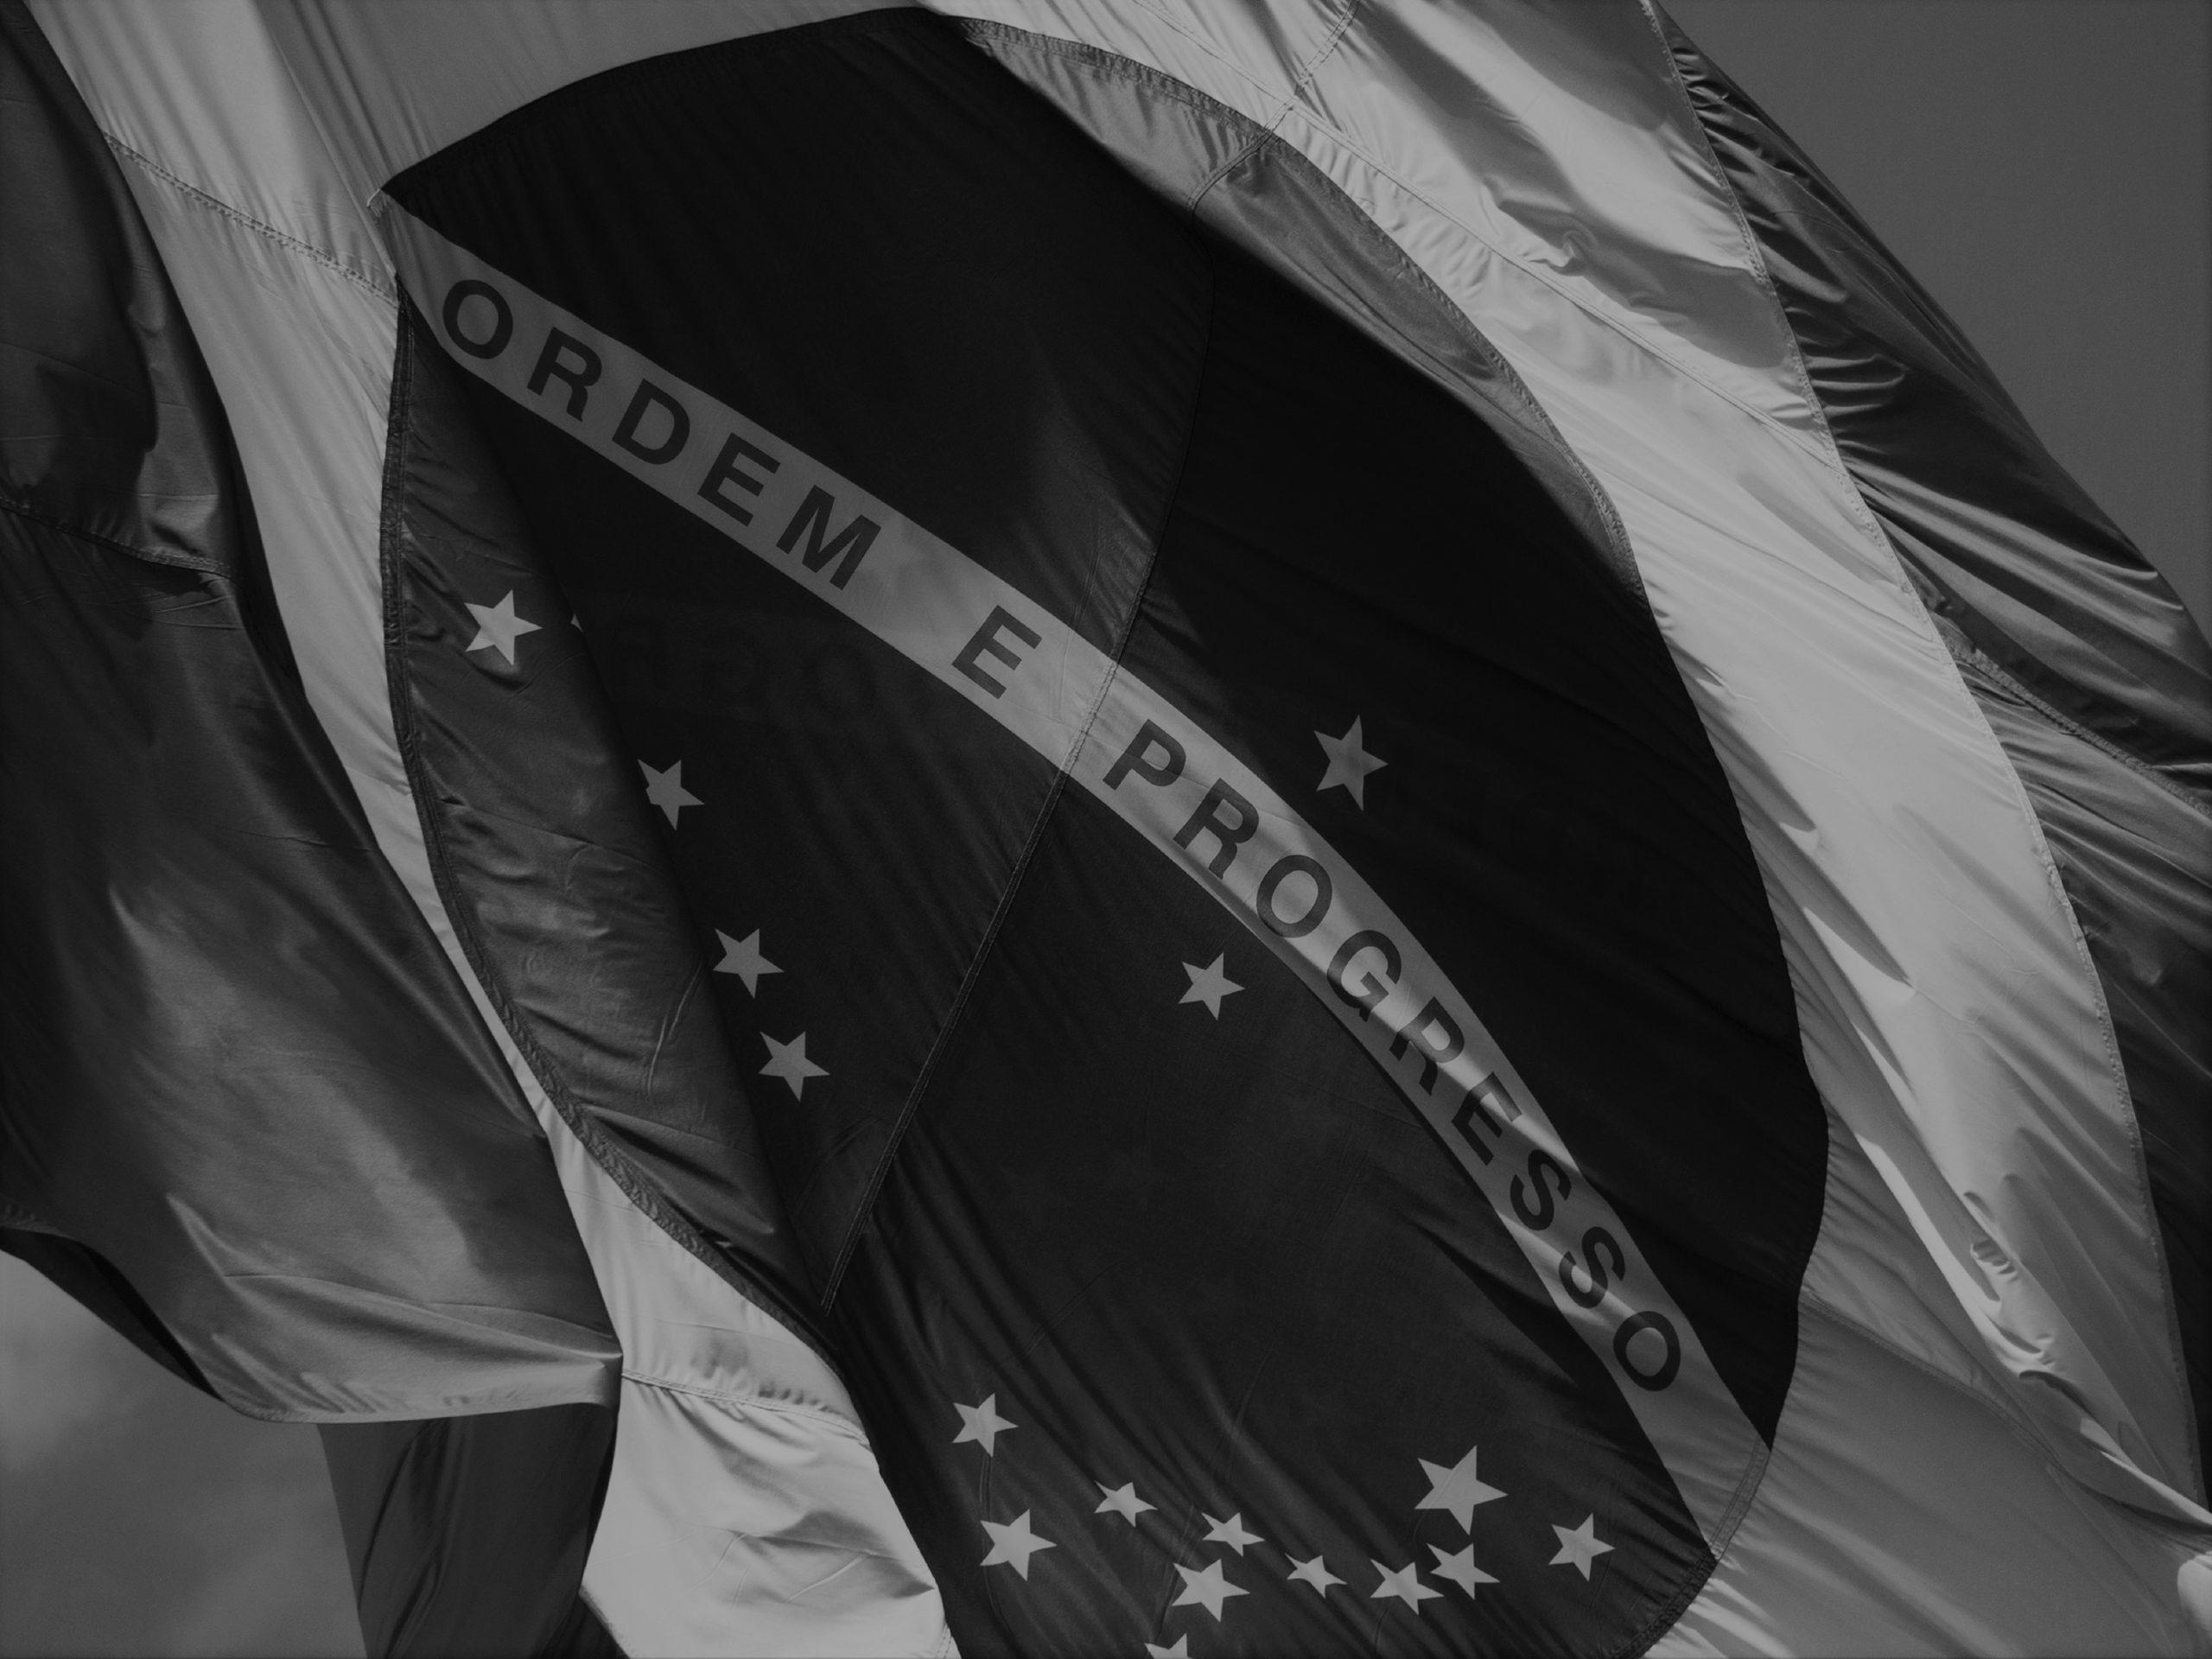 alx bandeira do brasil 20151018 001 original scaled